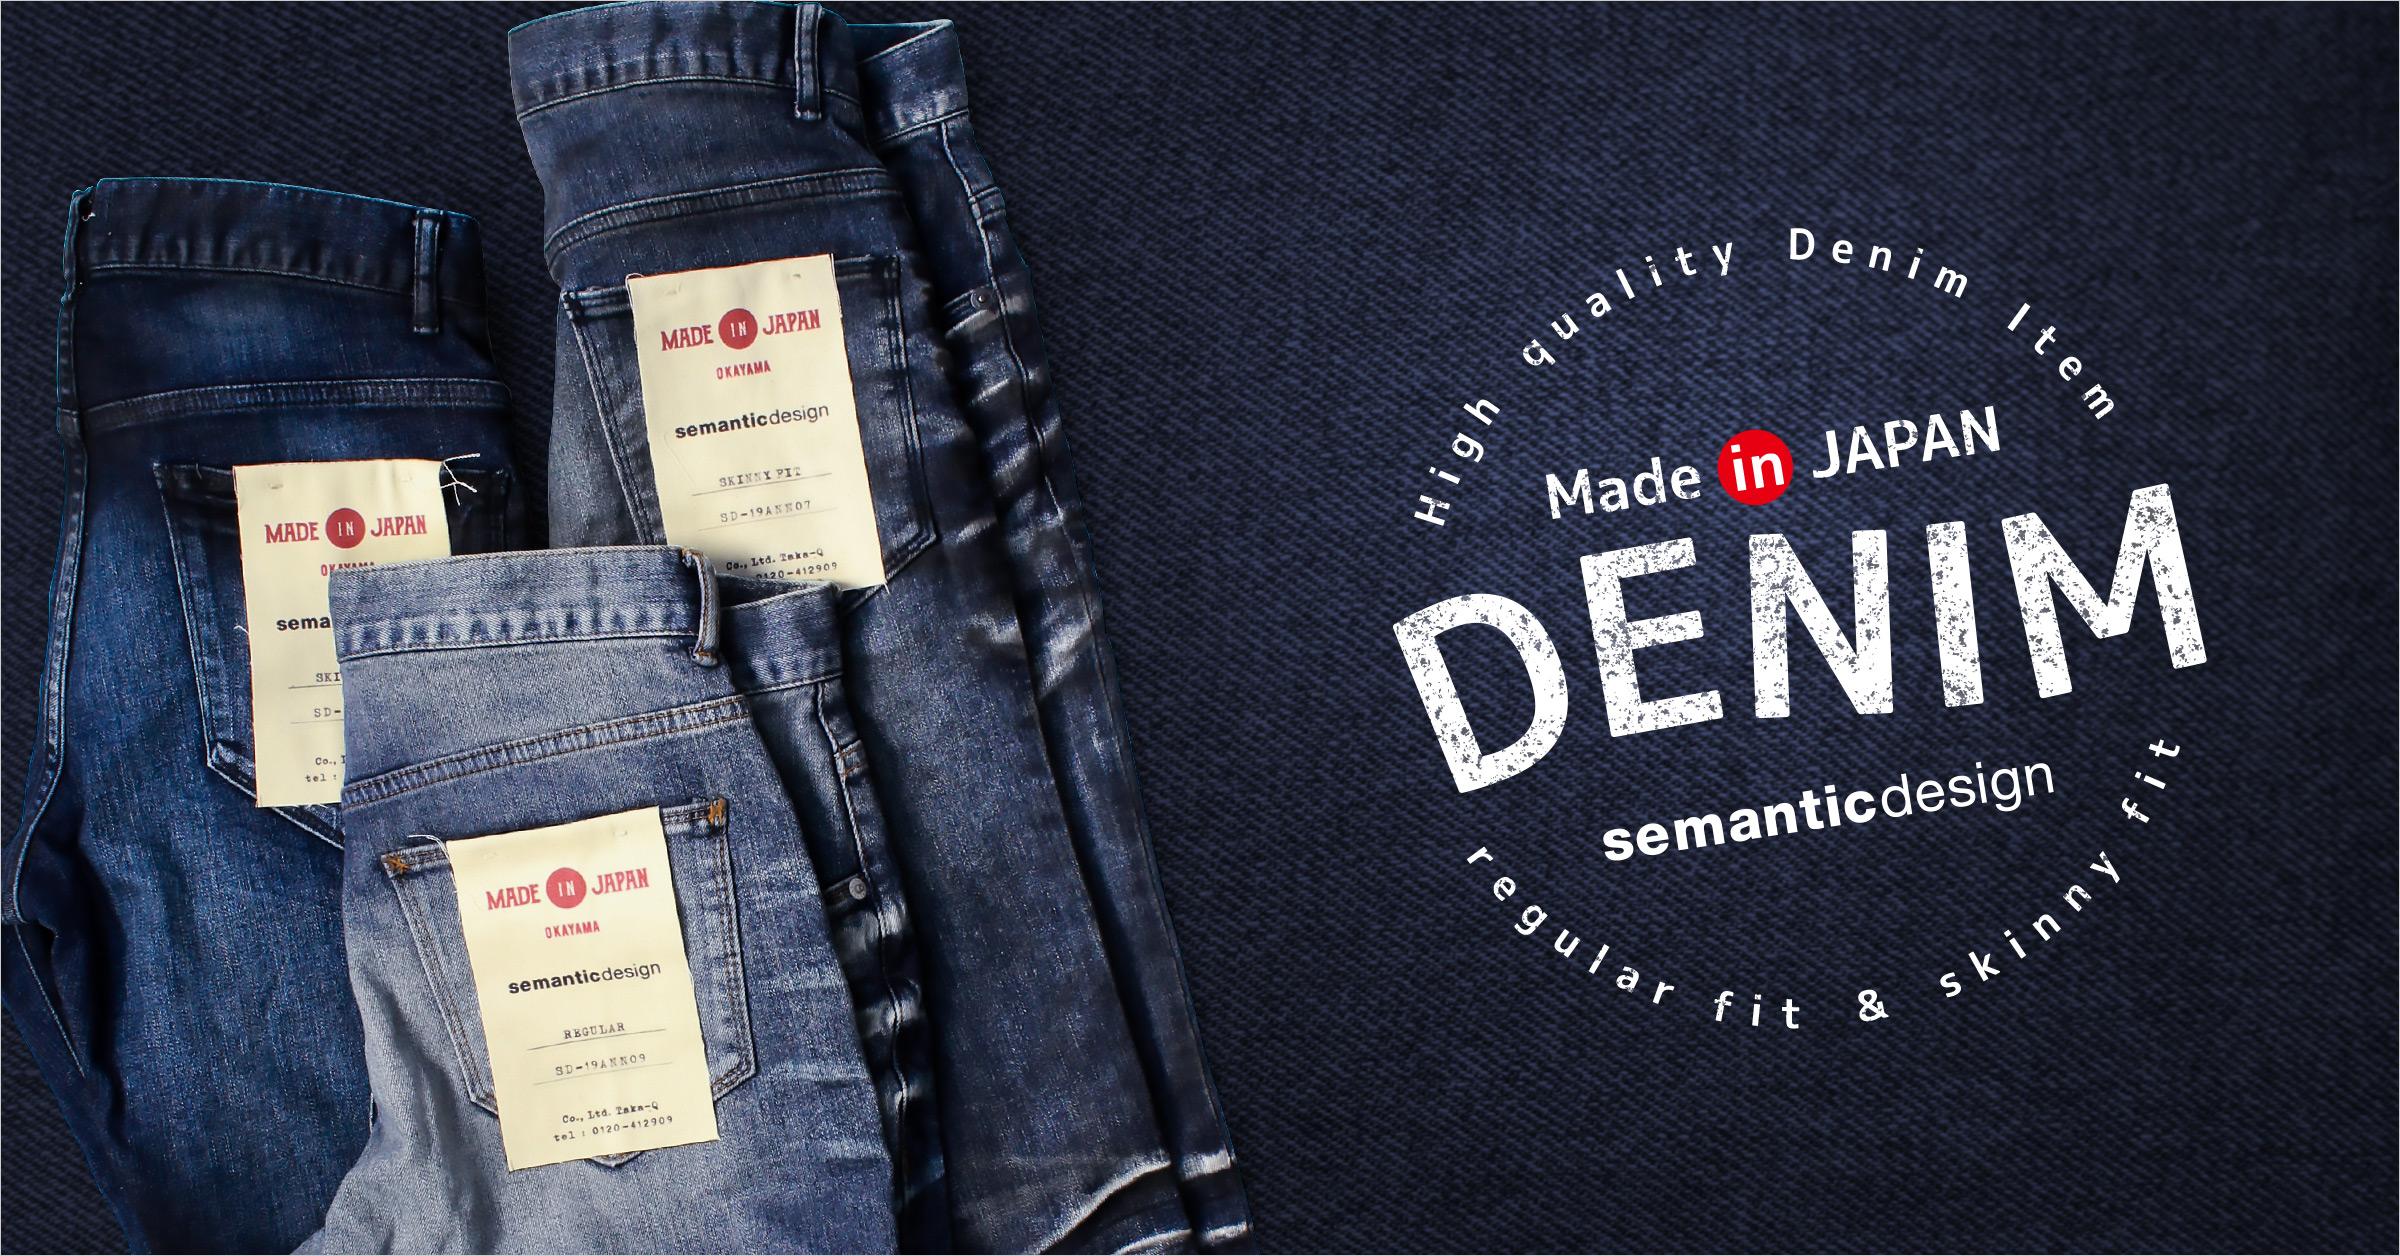 semantic design Made in JAPAN DENIM